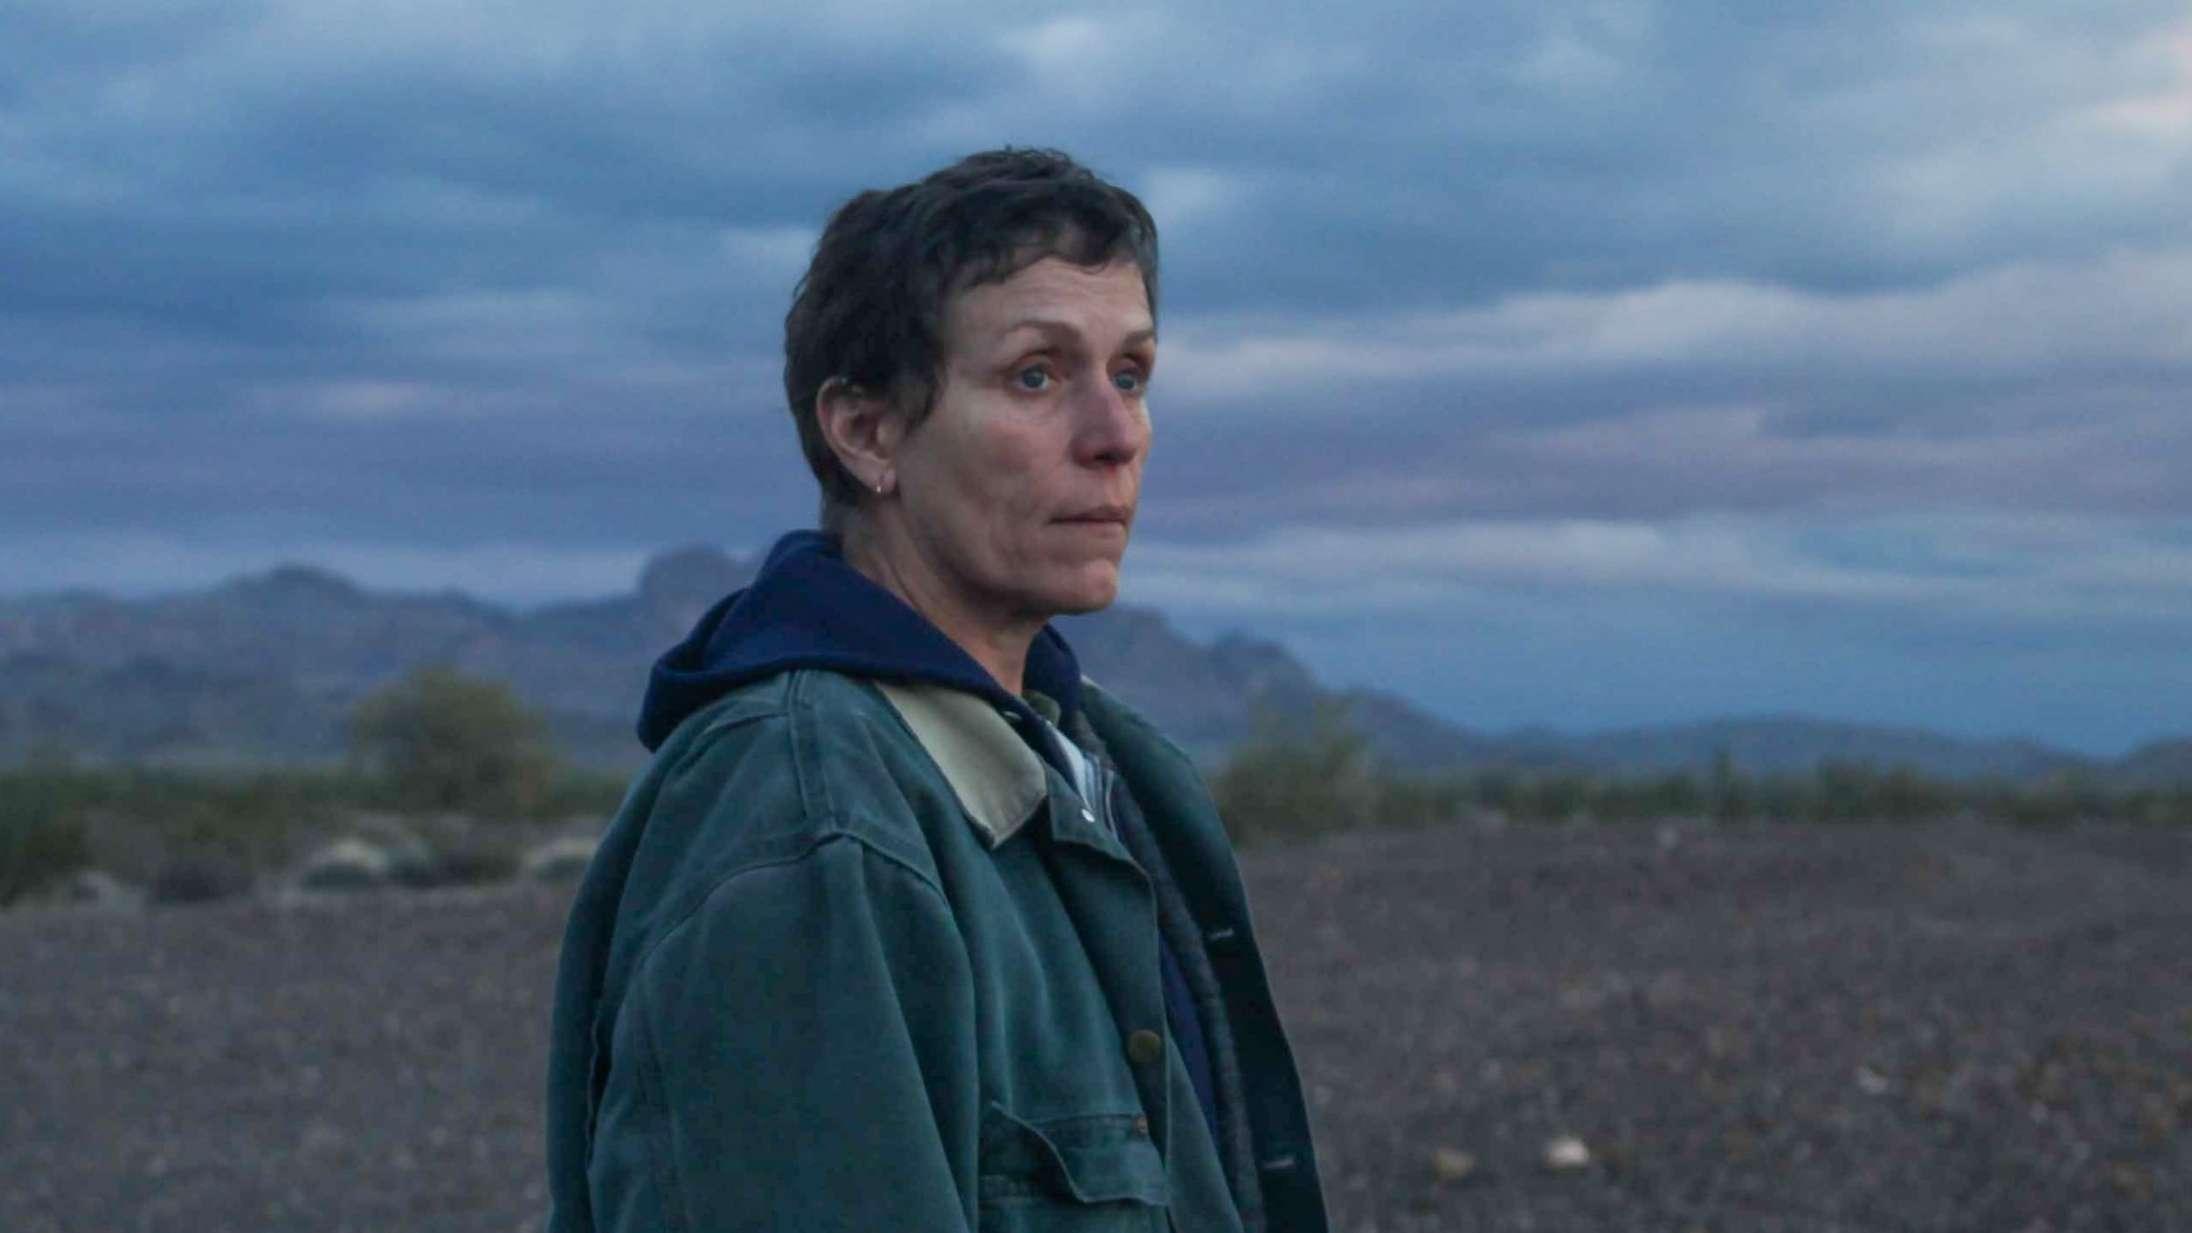 Lyt til Soundvenue Streamer: Oscar-favoritterne 'Nomadland' + 'Judas and the Black Messiah'